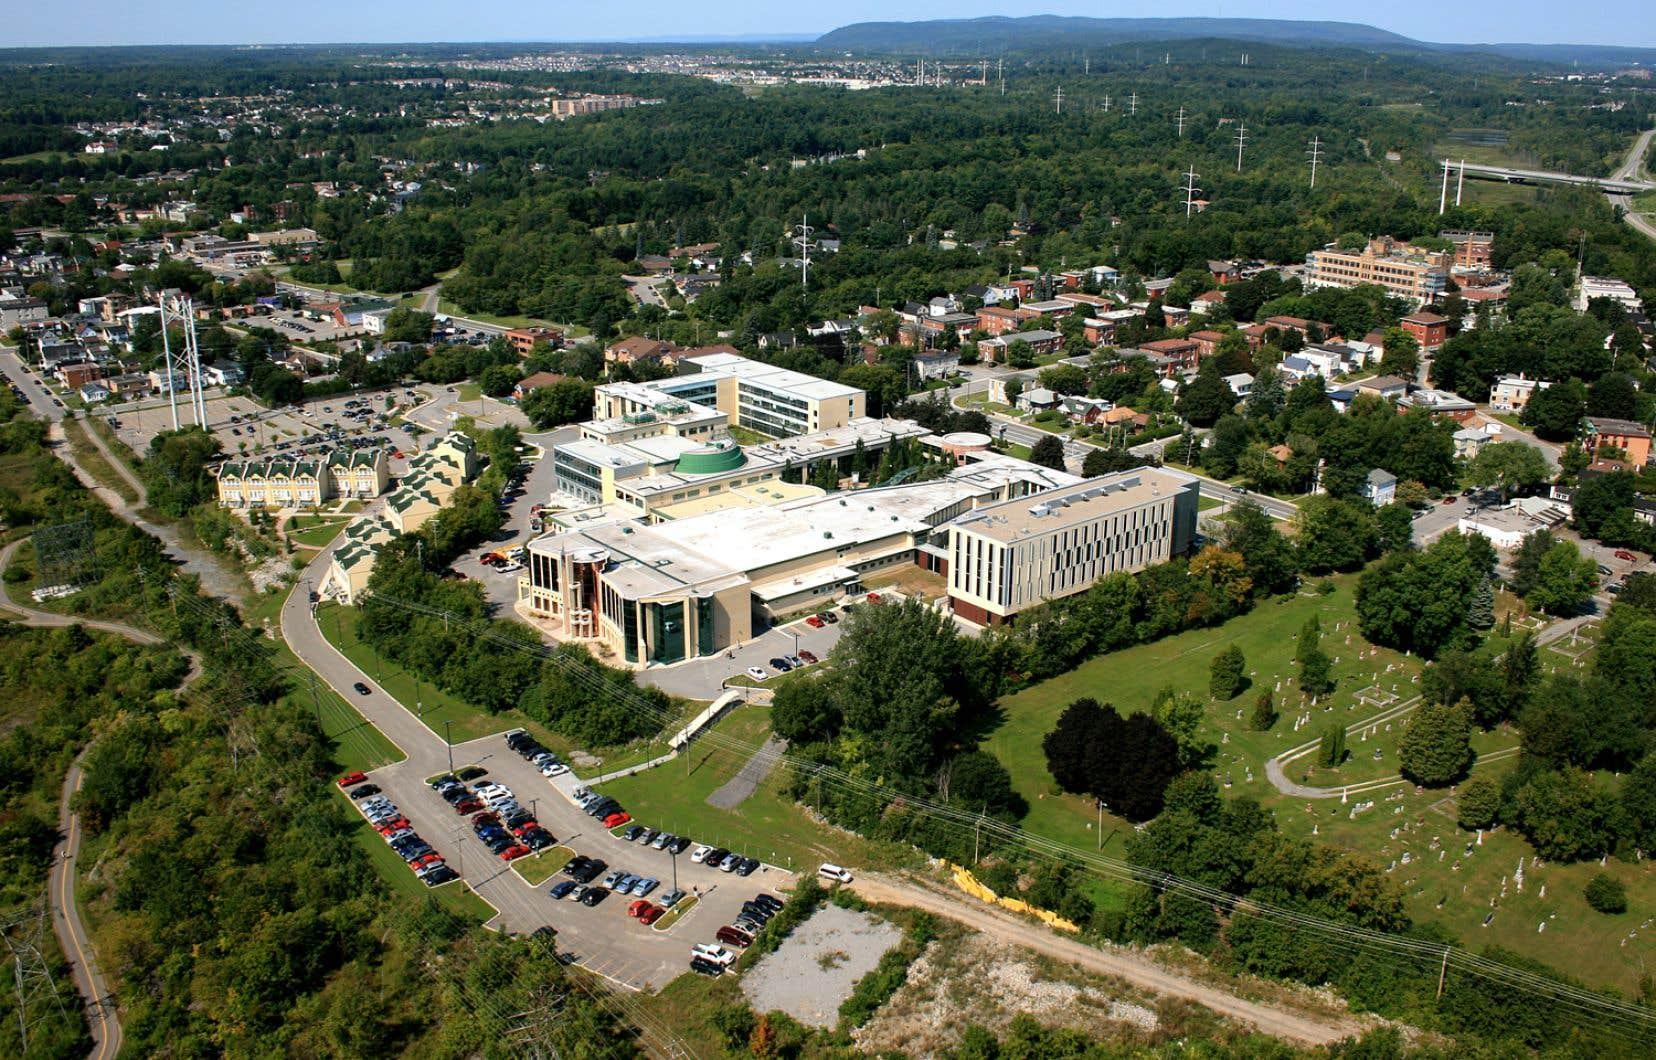 En raison de sa situation géographique, l'Université du Québec en Outaouais doit faire face aux effets pervers concurrentiels et historiques des établissements d'enseignement supérieur de l'Ontario, souligne l'auteur.